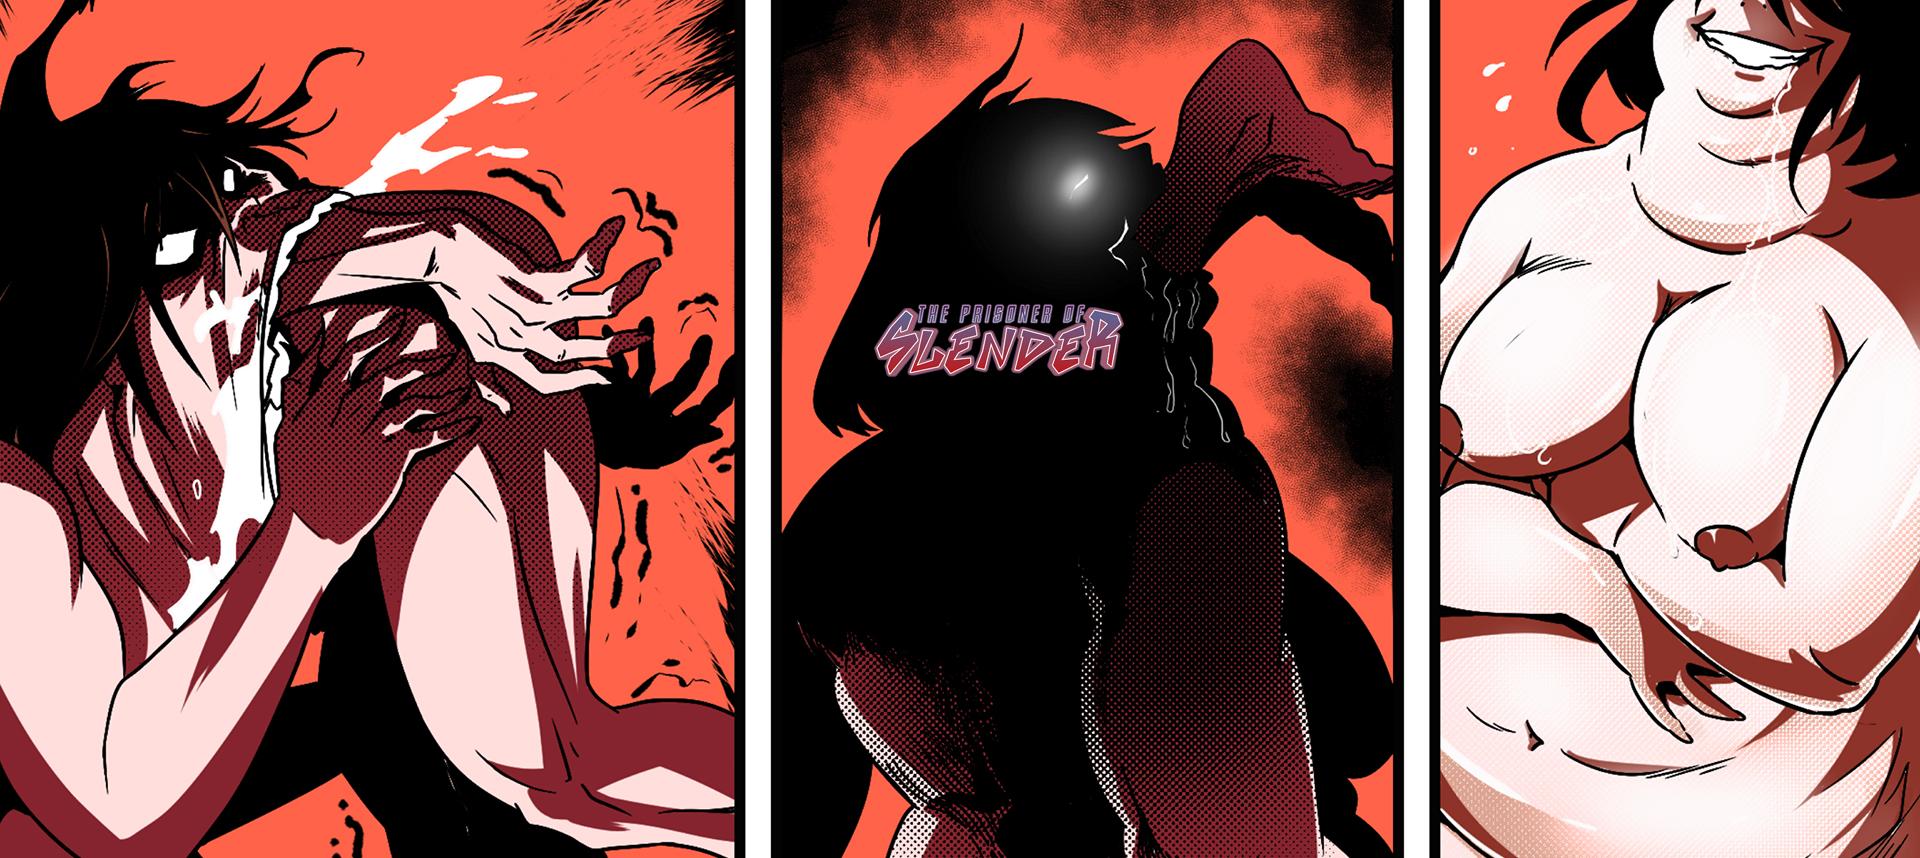 The-Prisoner-of-Slender_01-SLIDEd